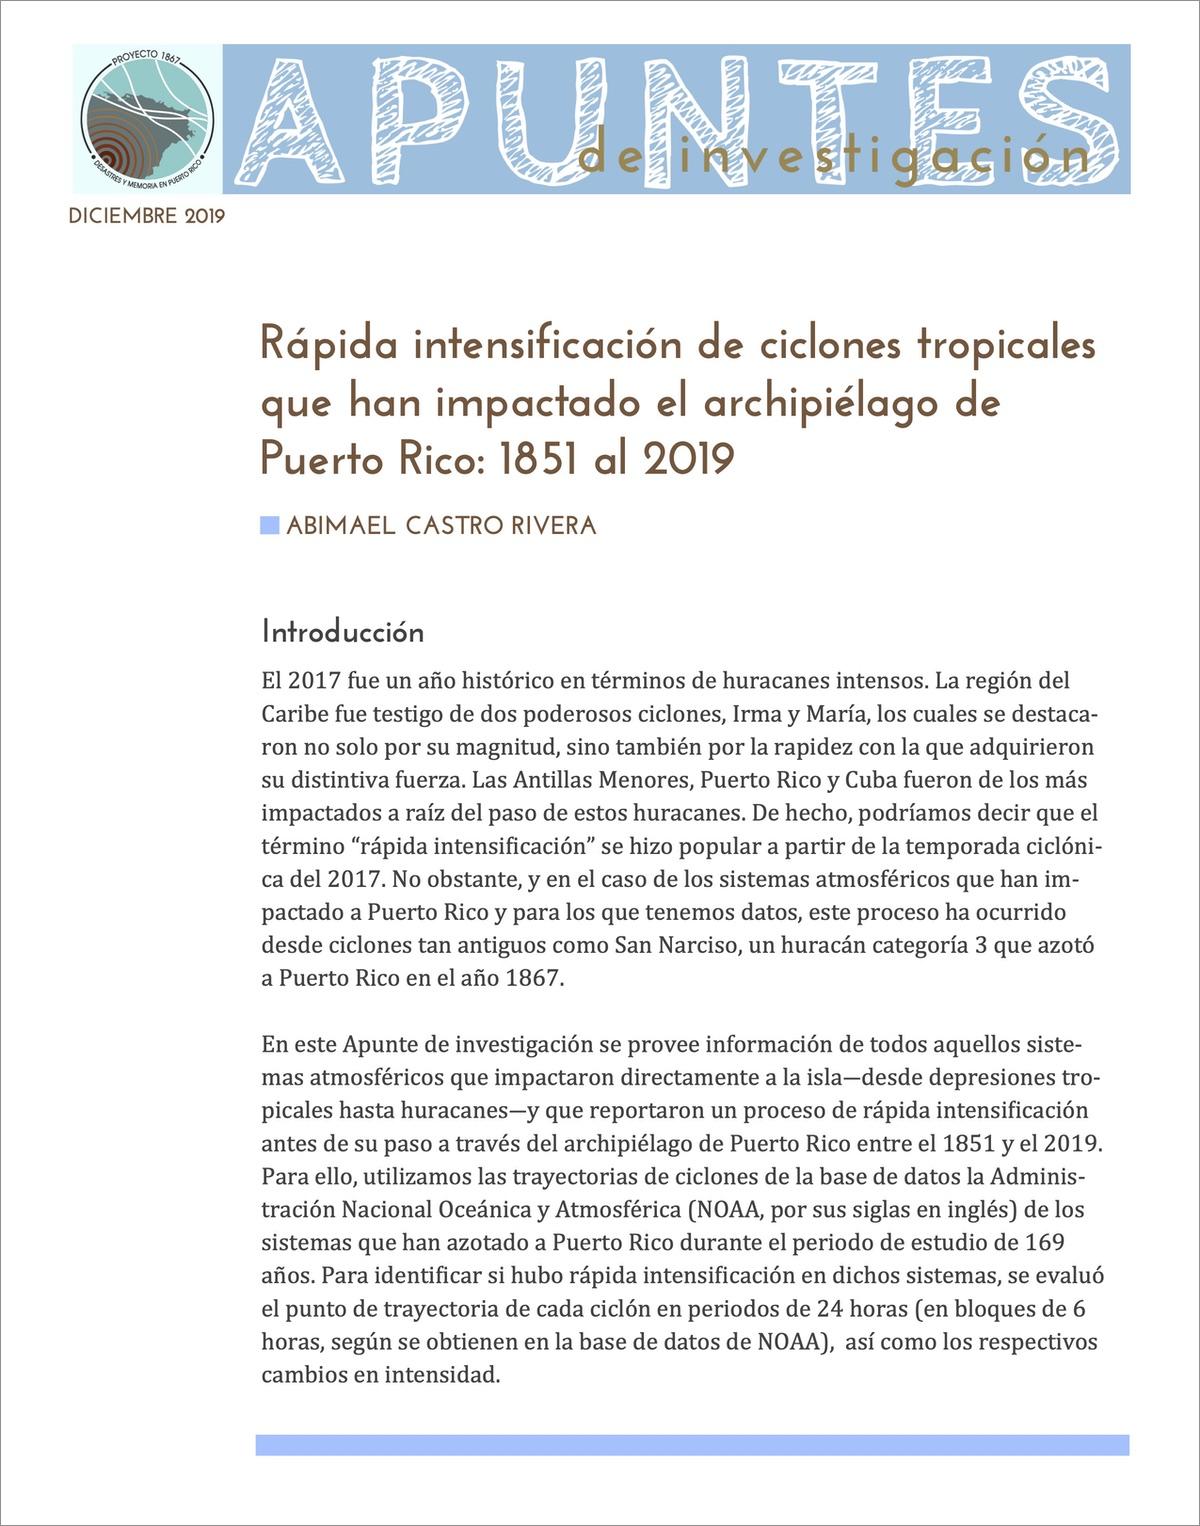 Rápida intensificación de ciclones tropicales que han impactado el archipiélago de Puerto Rico: 1851 al 2019